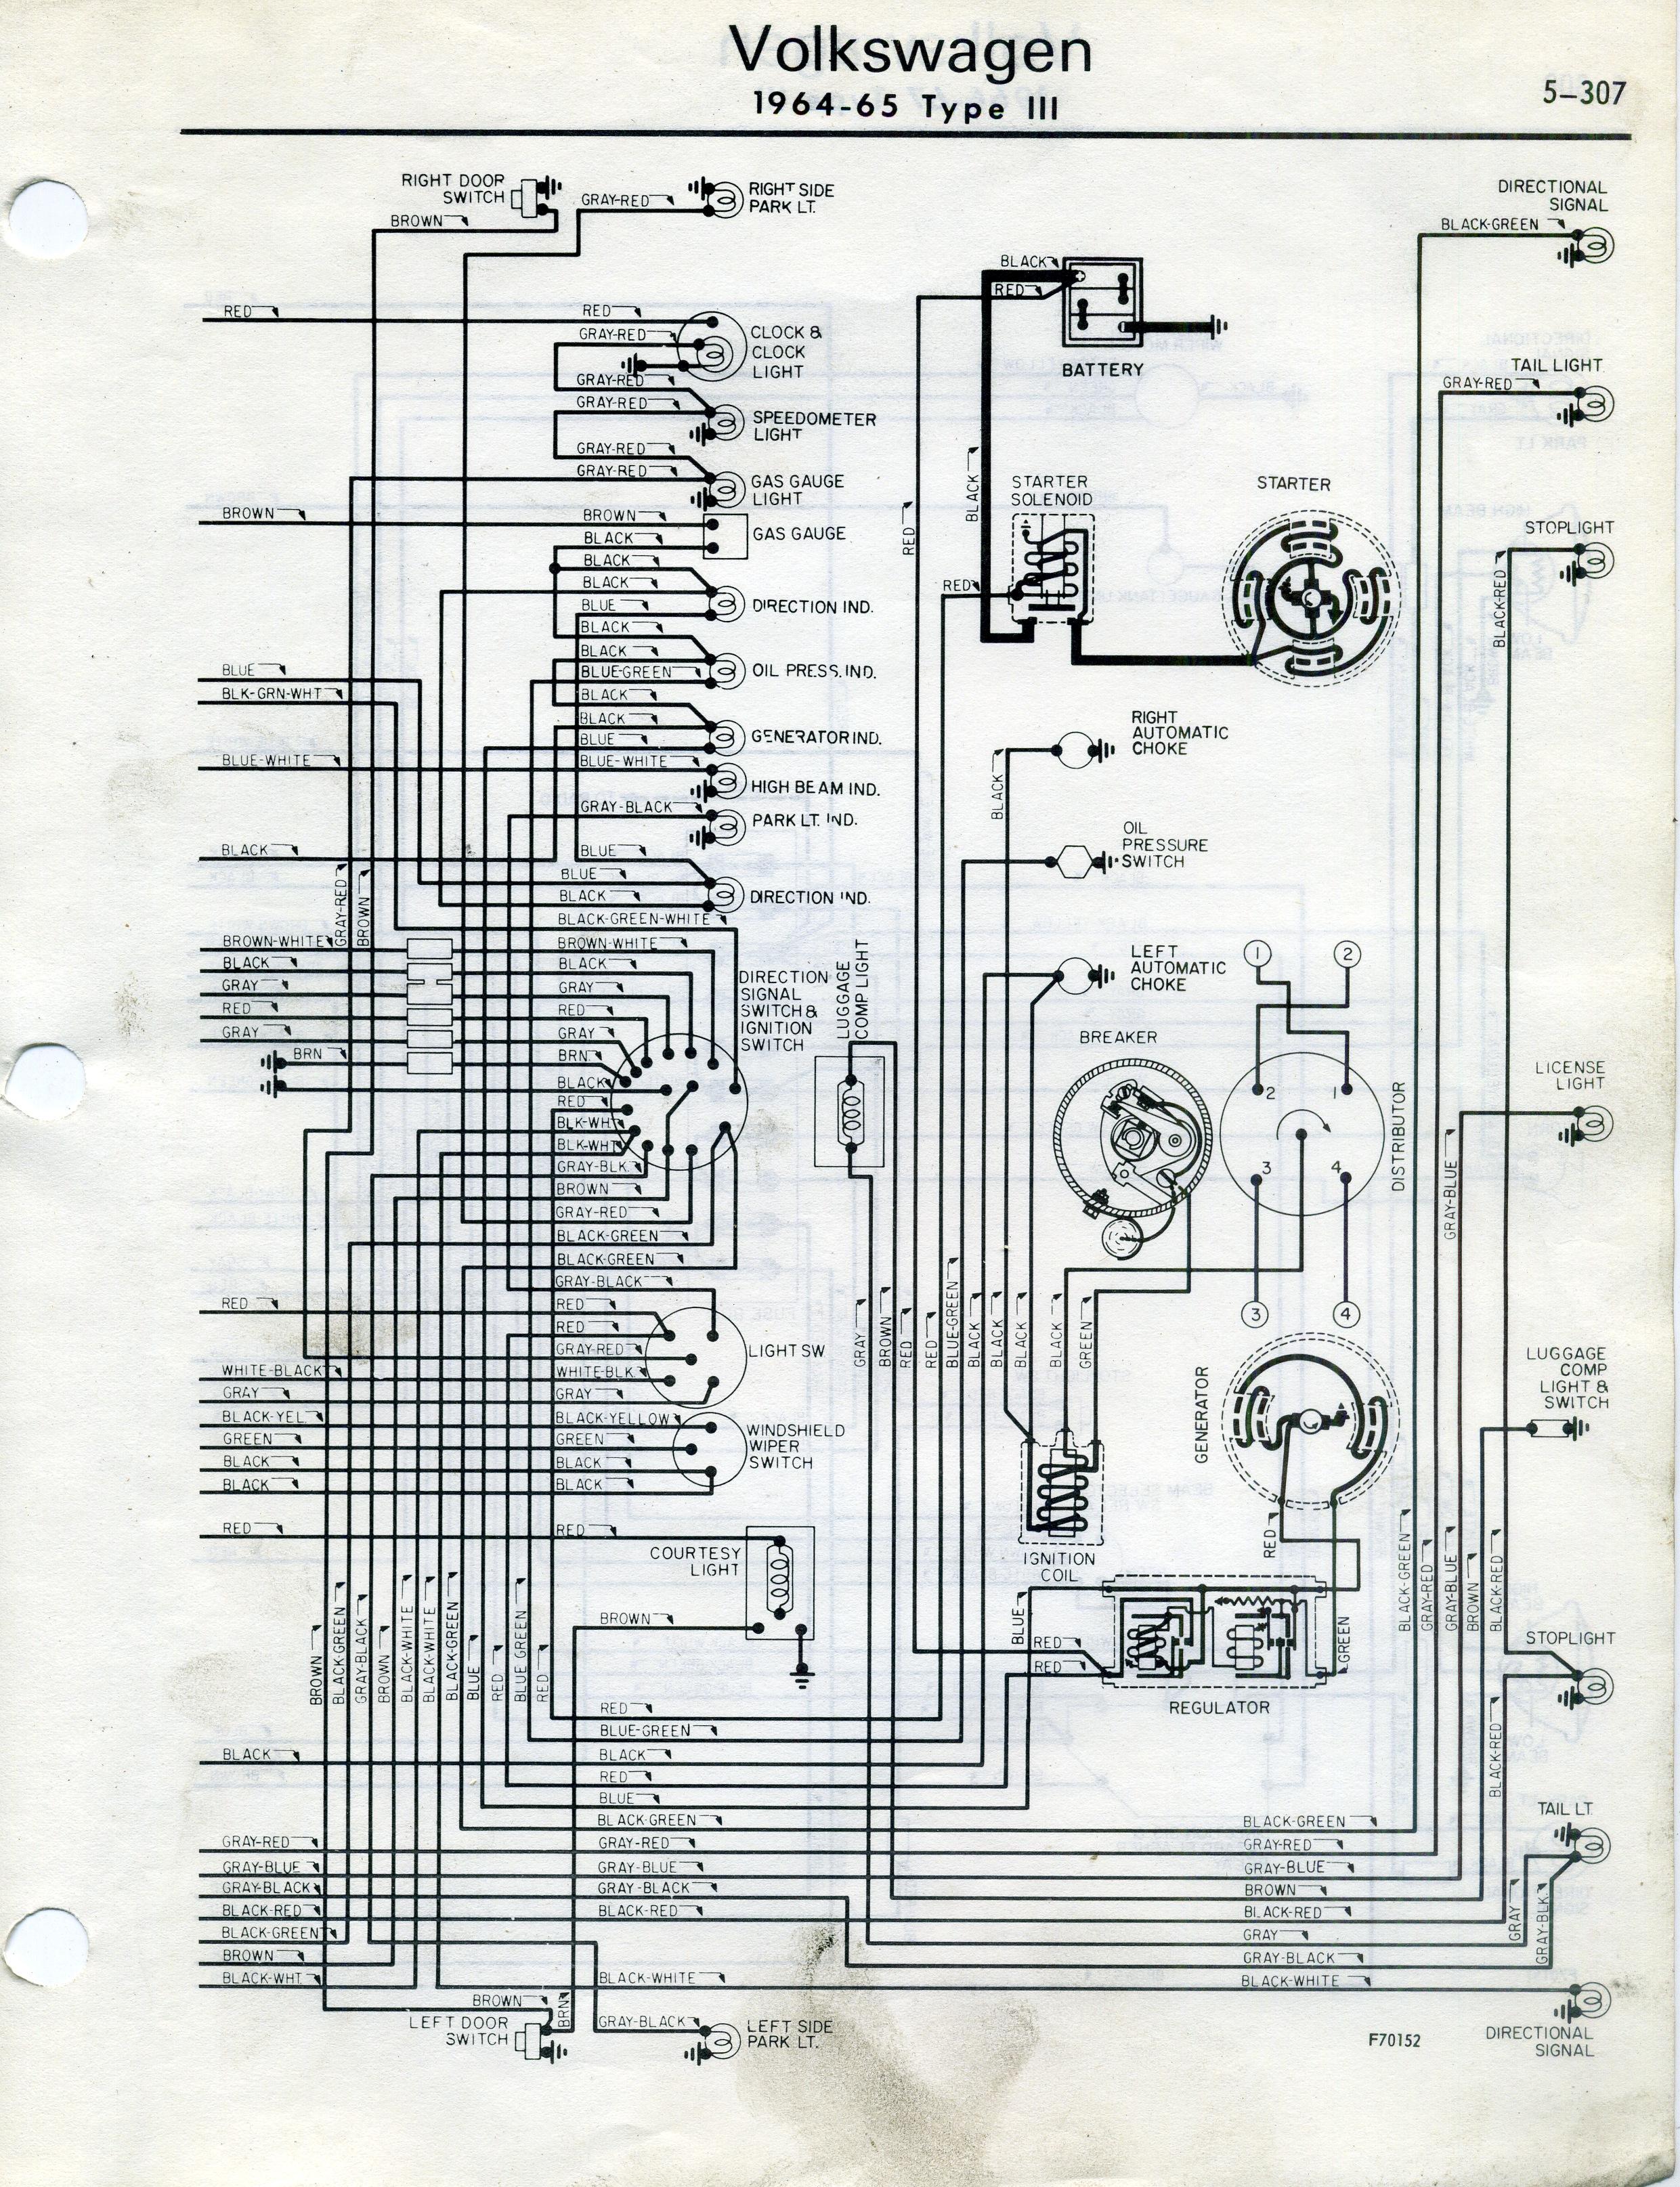 wiring diagram further 1960 vw beetle wiring diagram as well vw beetle